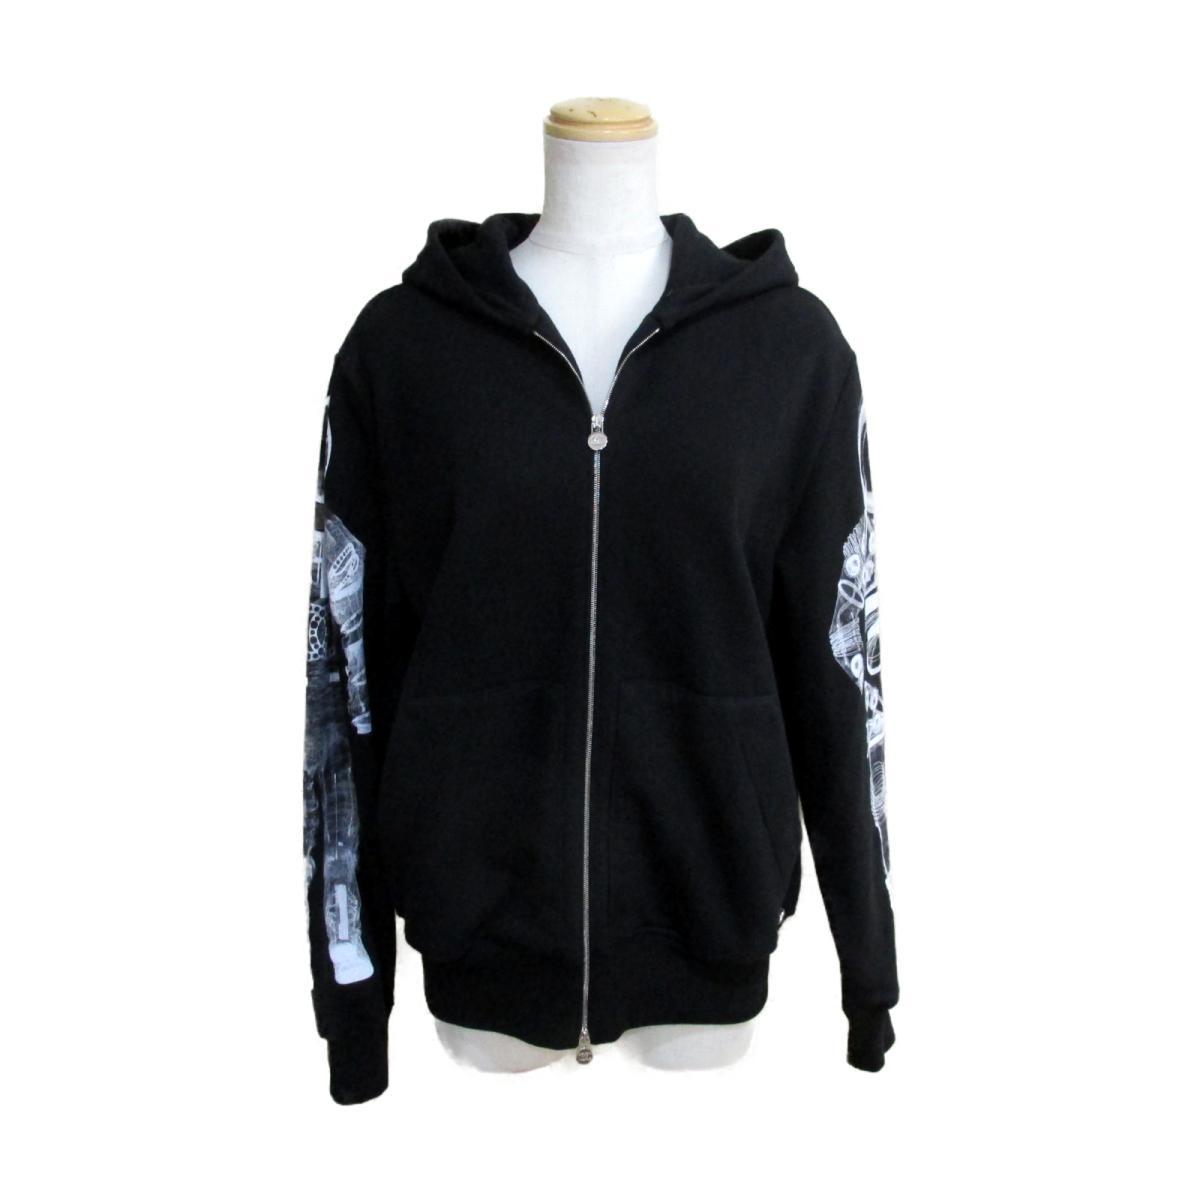 【中古】 シャネル パーカー レディース コットン ブラック x ホワイト (P5746K07601) | CHANEL BRANDOFF ブランドオフ 衣料品 衣類 ブランド トップス